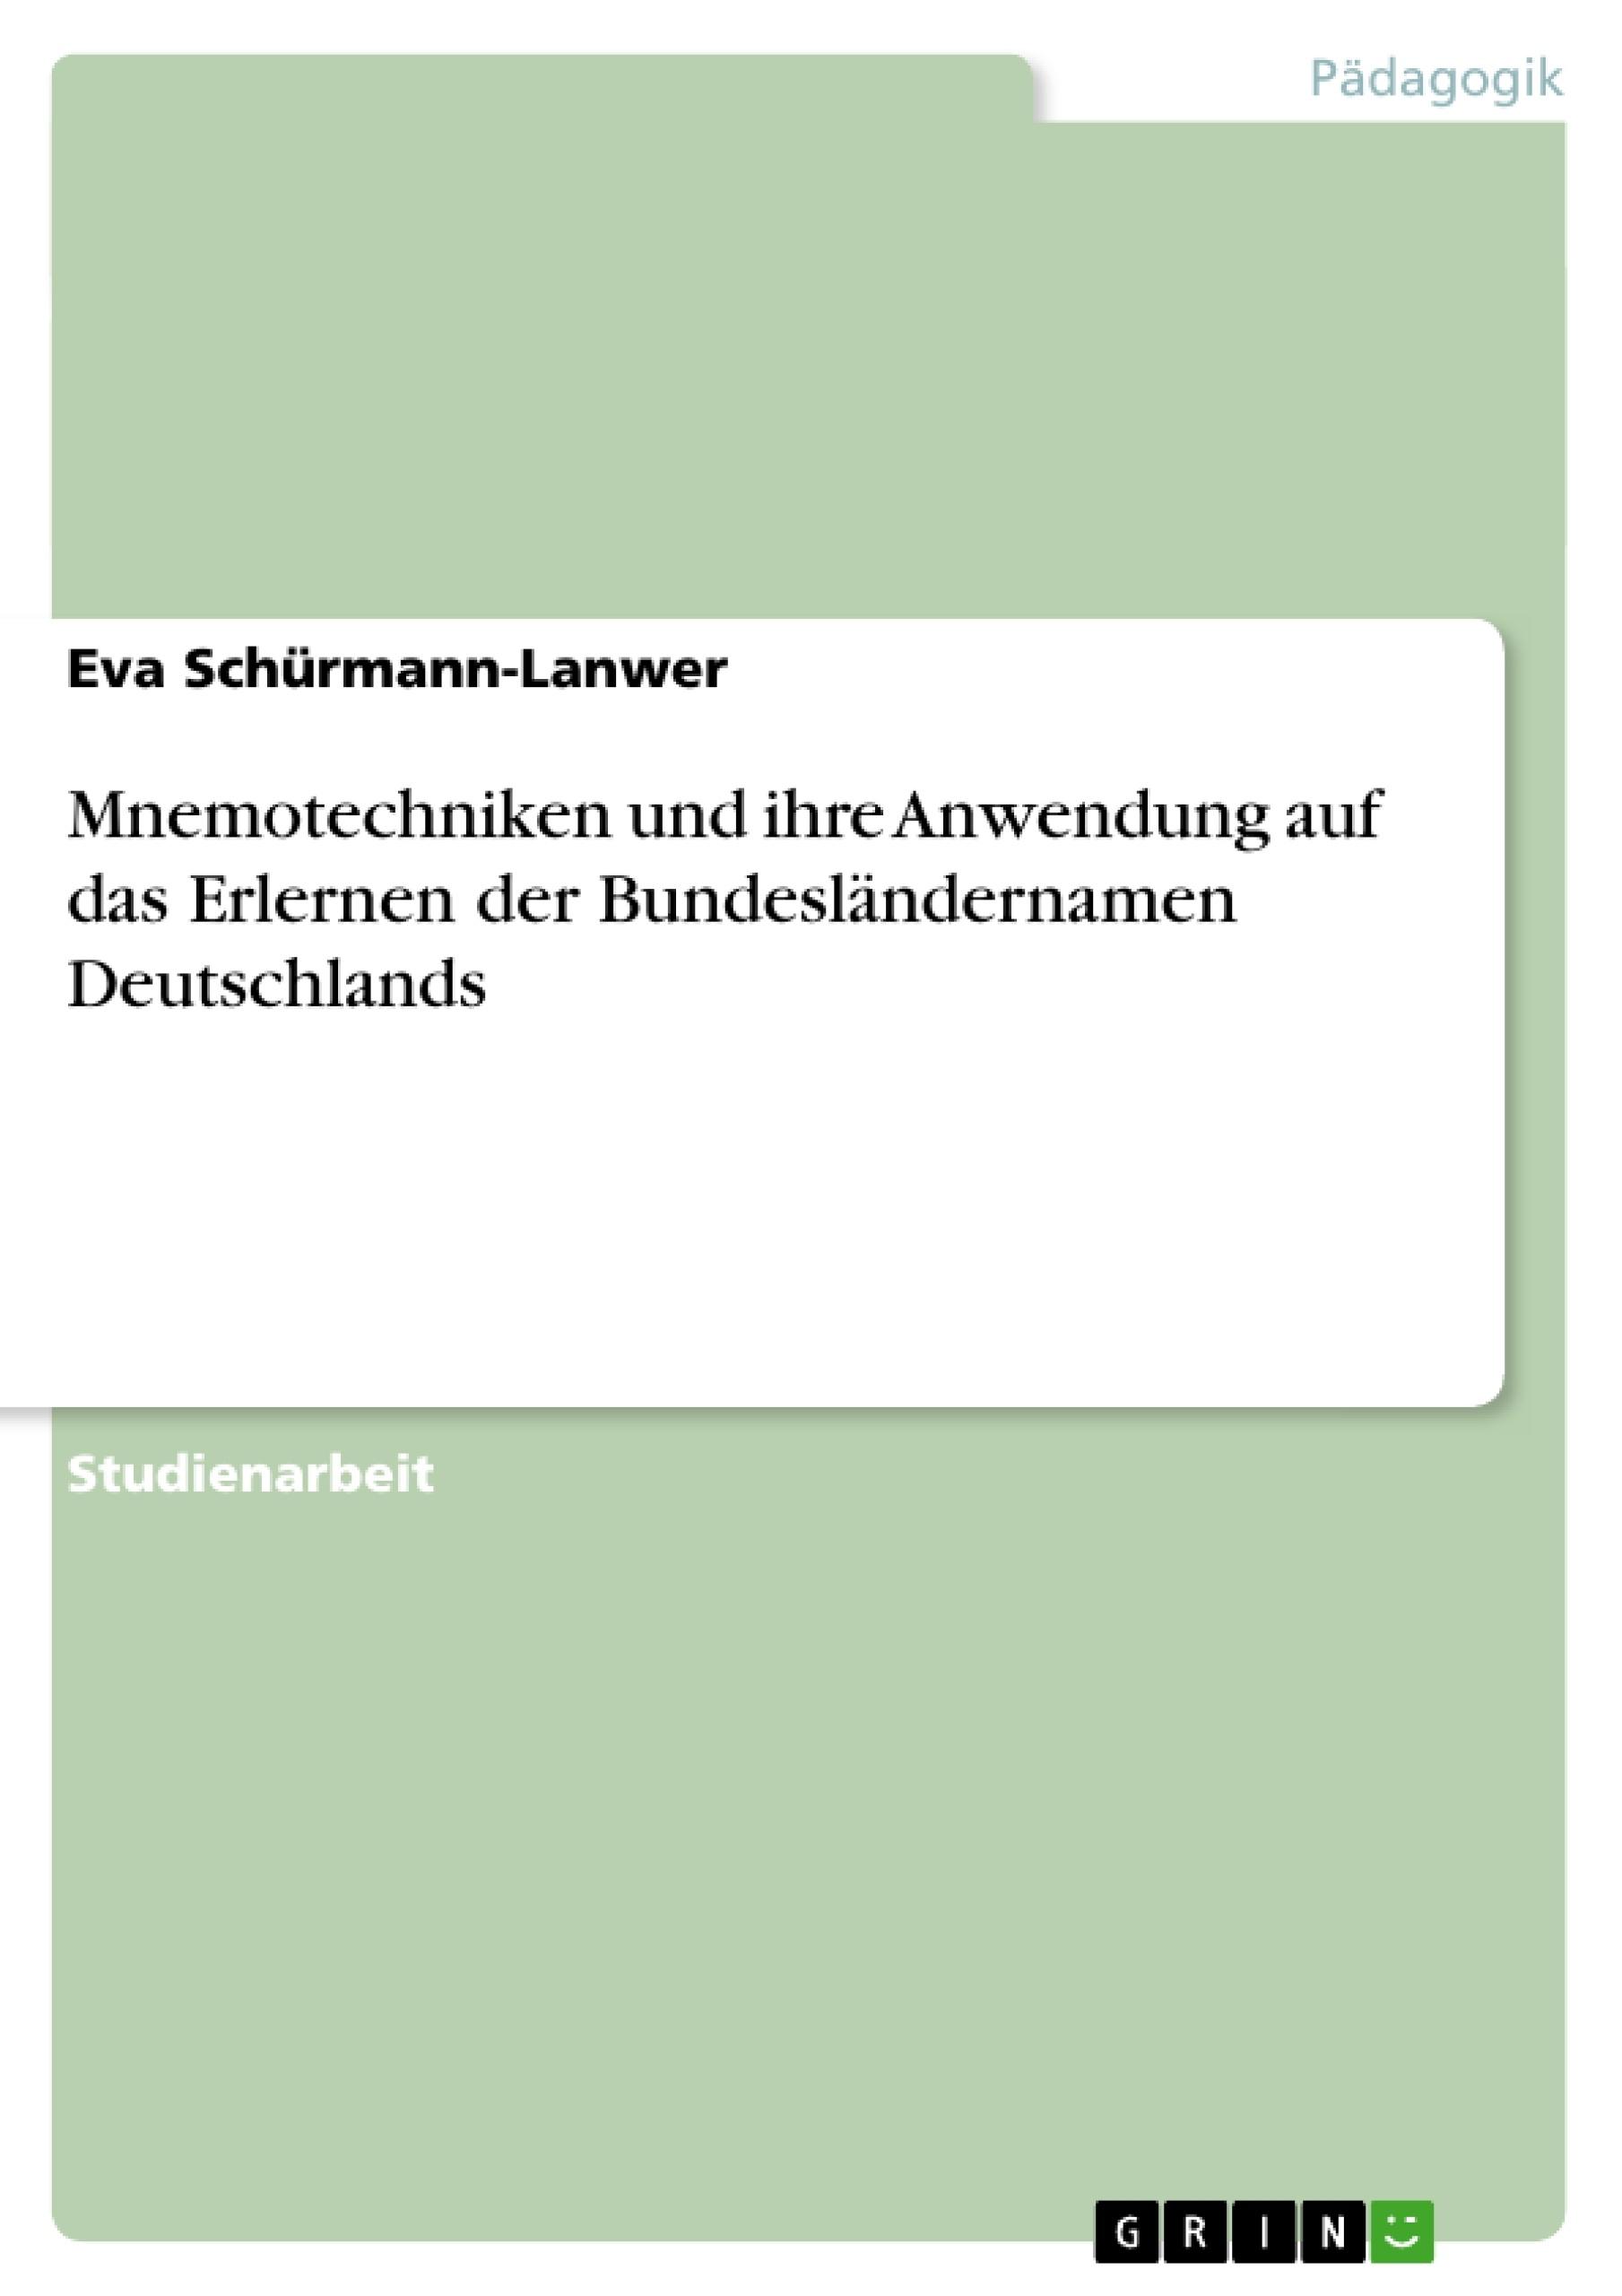 Titel: Mnemotechniken und ihre Anwendung auf das Erlernen der Bundesländernamen Deutschlands